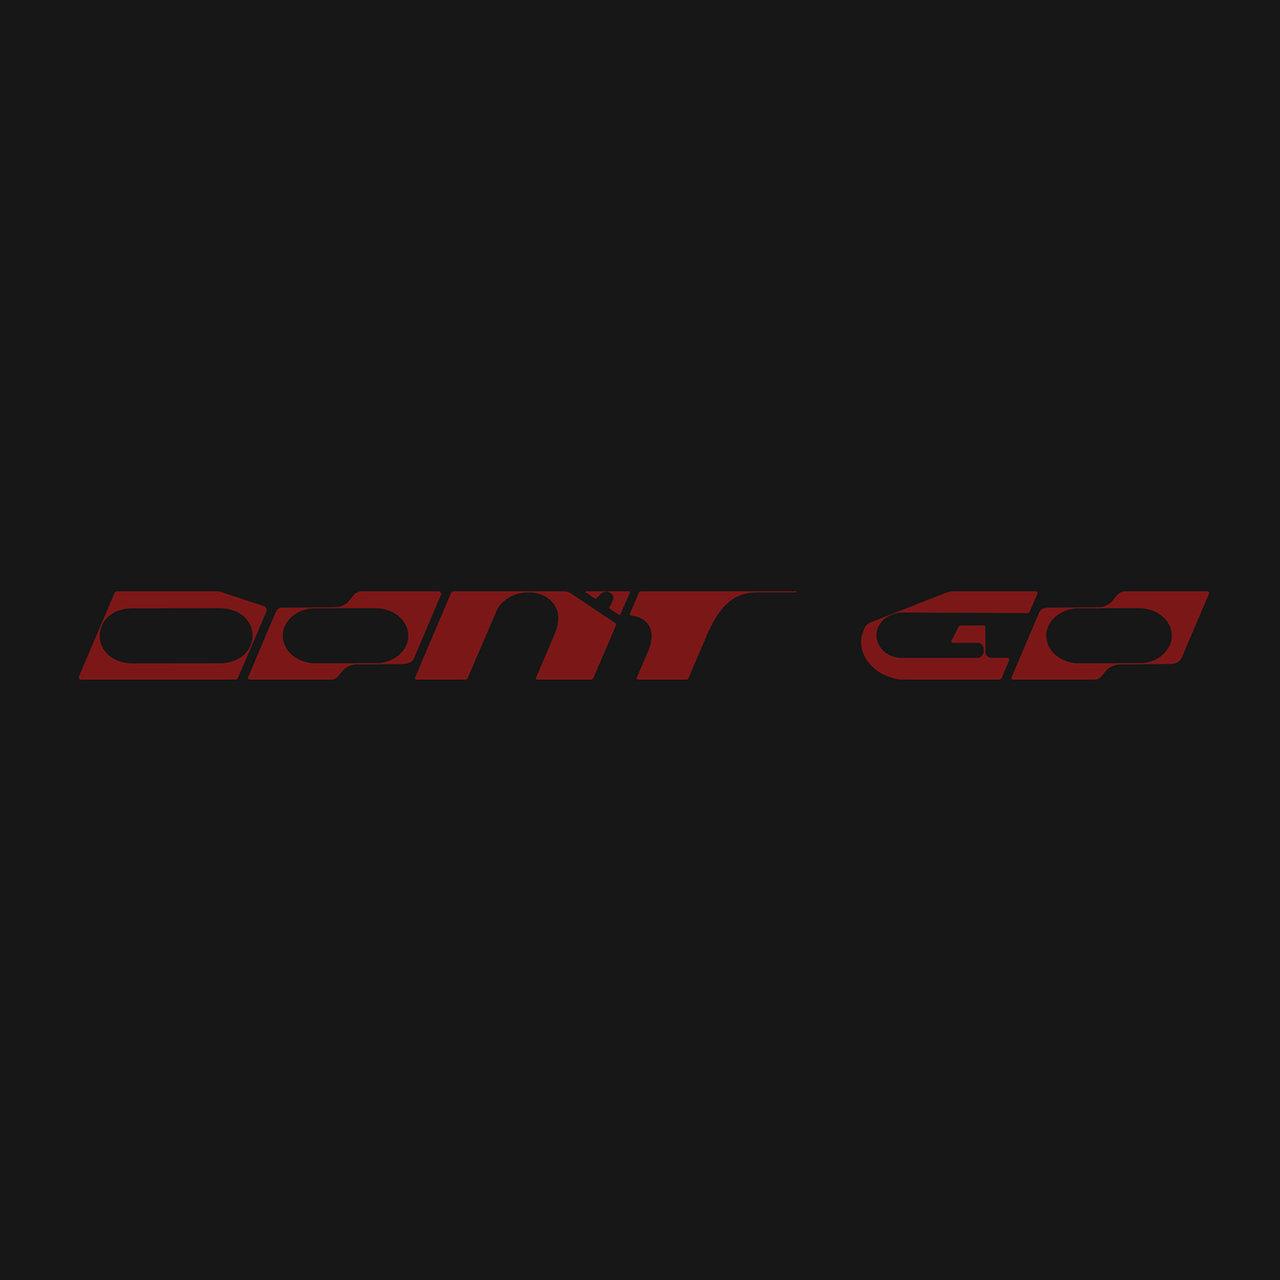 Skrillex - Don't Go (ft. Justin Bieber and Don Toliver) (Cover)